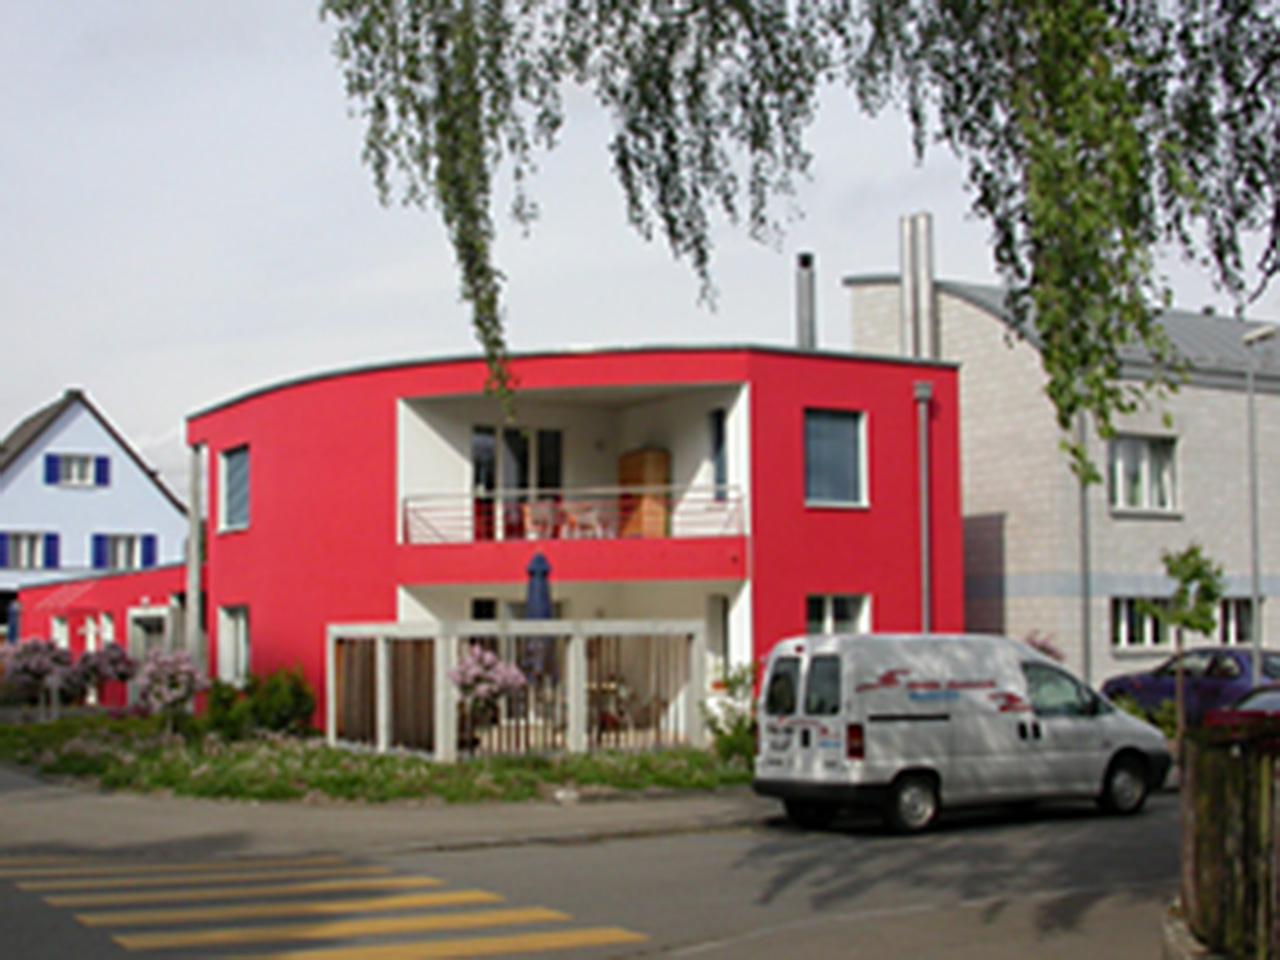 laubhus-architektur-mehrfamilienhaus-brugg